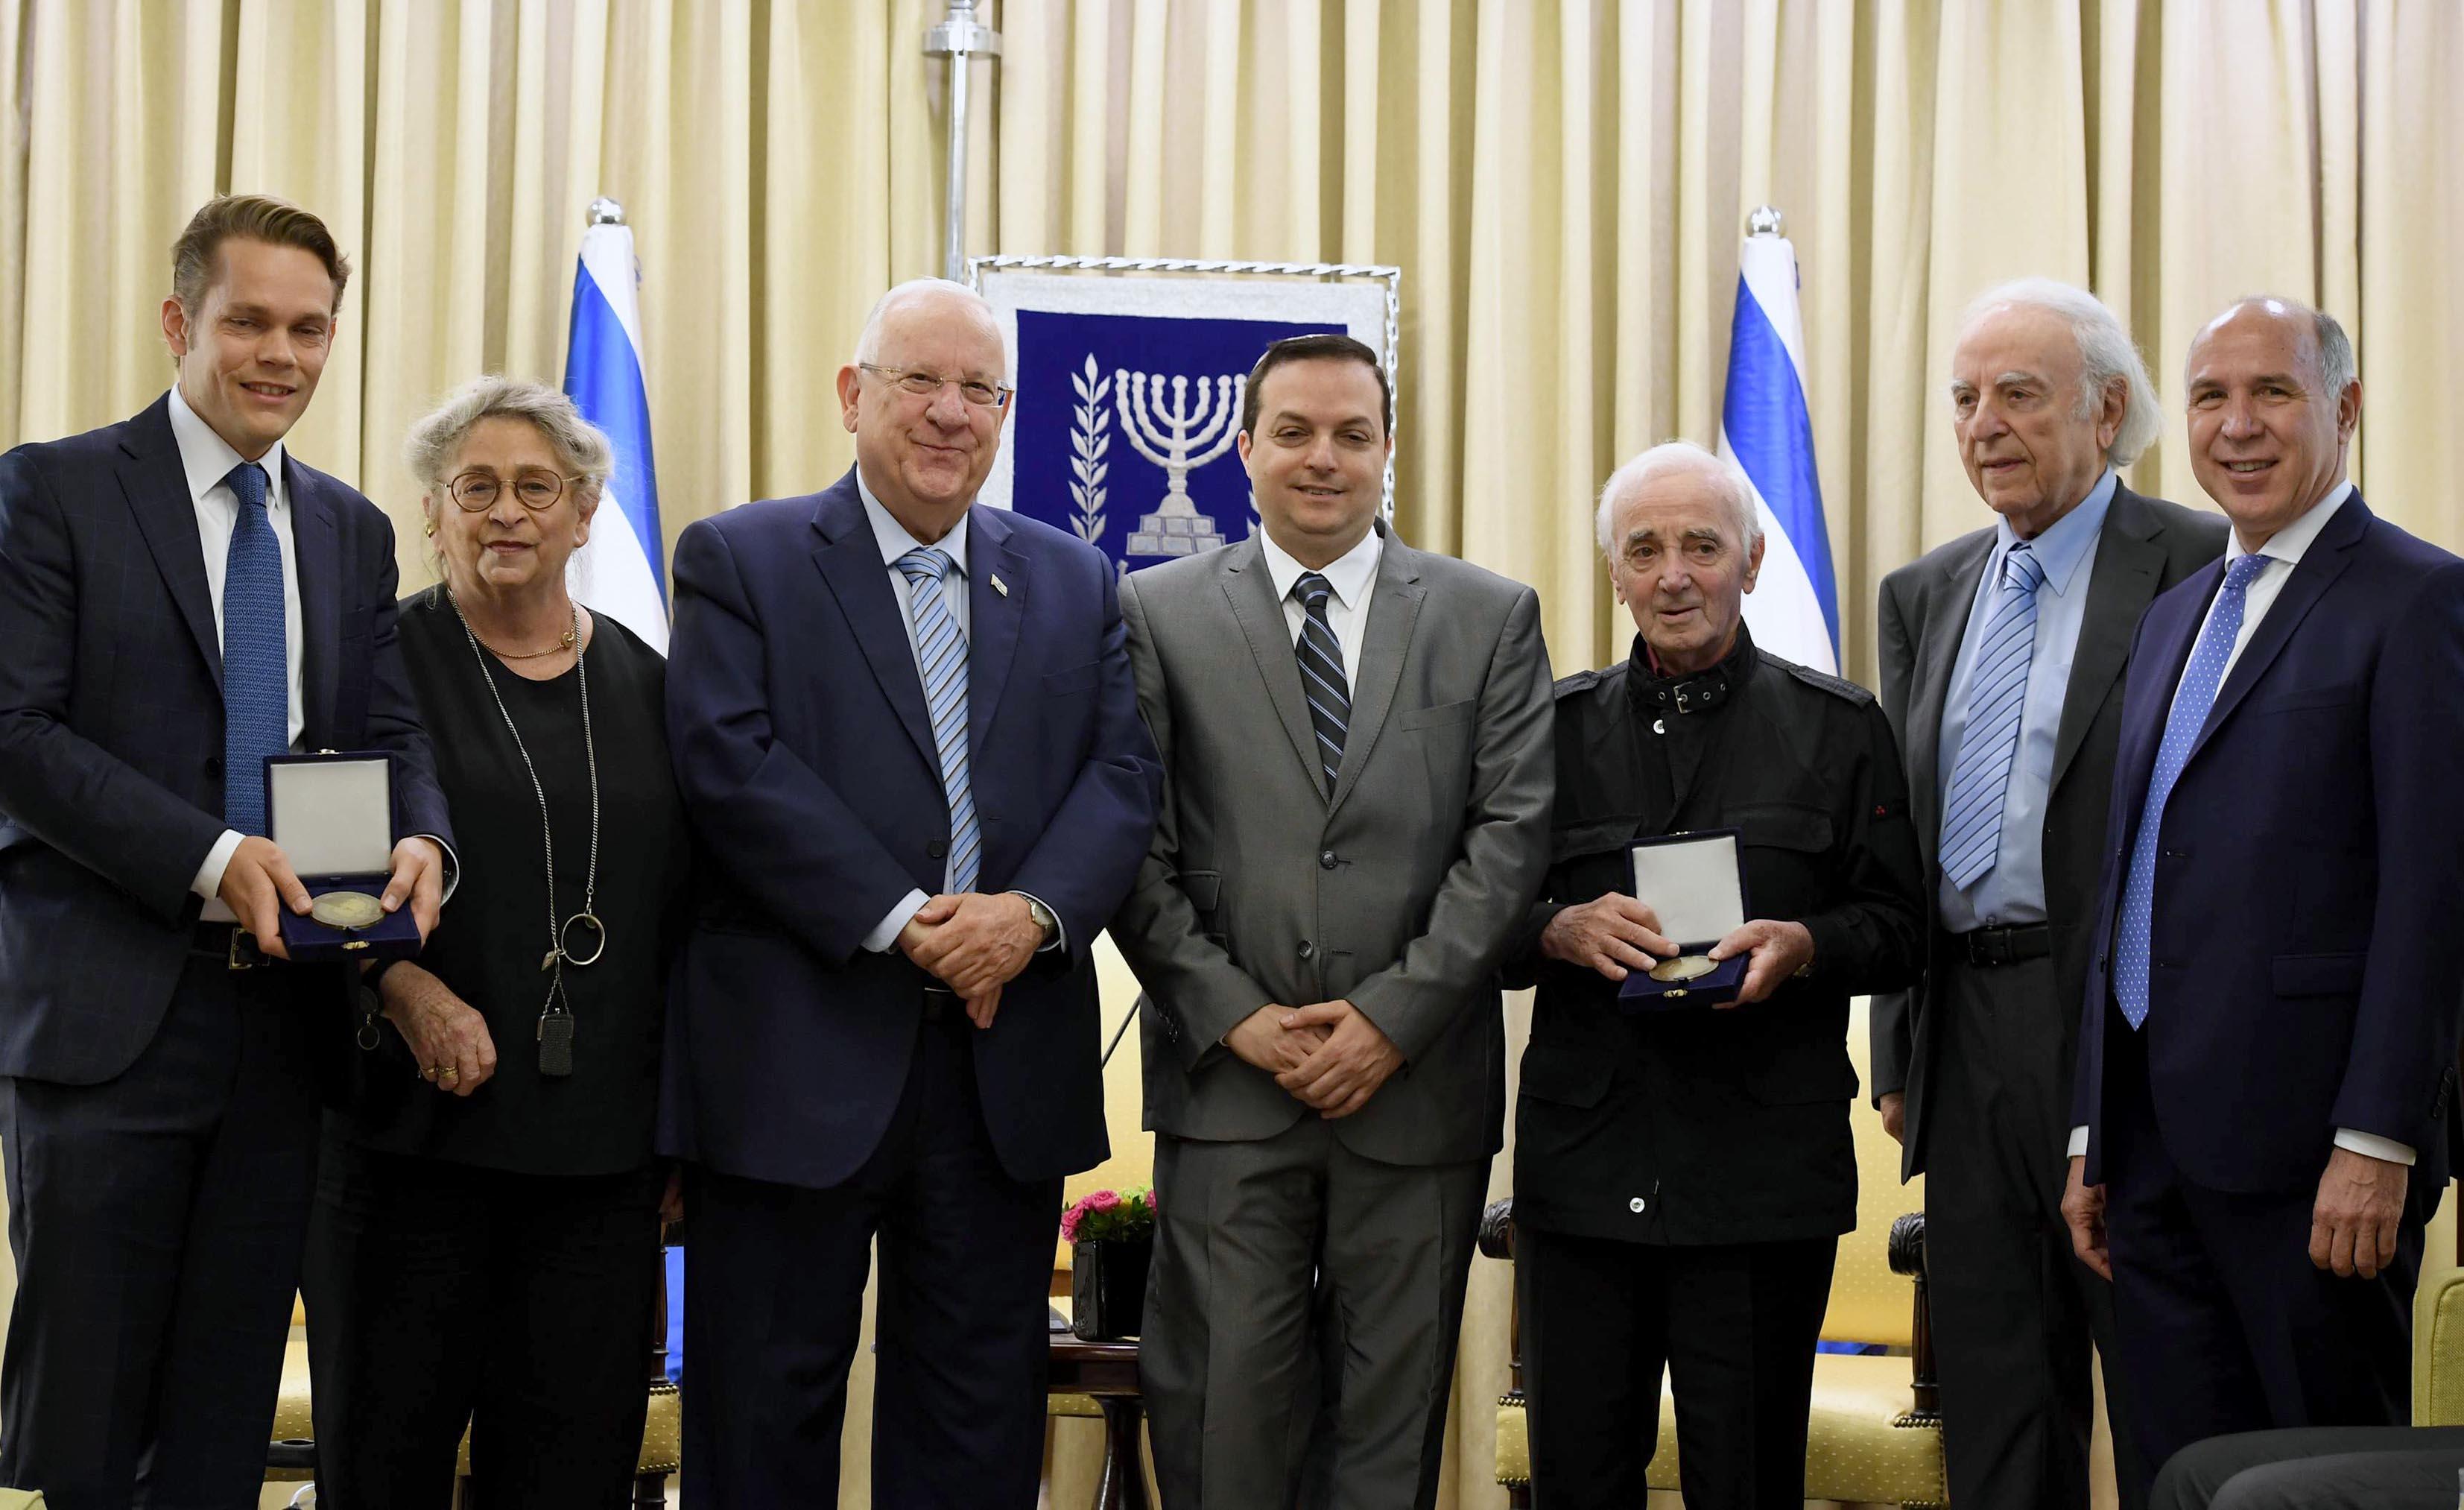 Charles Aznavour The Old Fashioned Way Tradu Ef Bf Bd Ef Bf Bdo